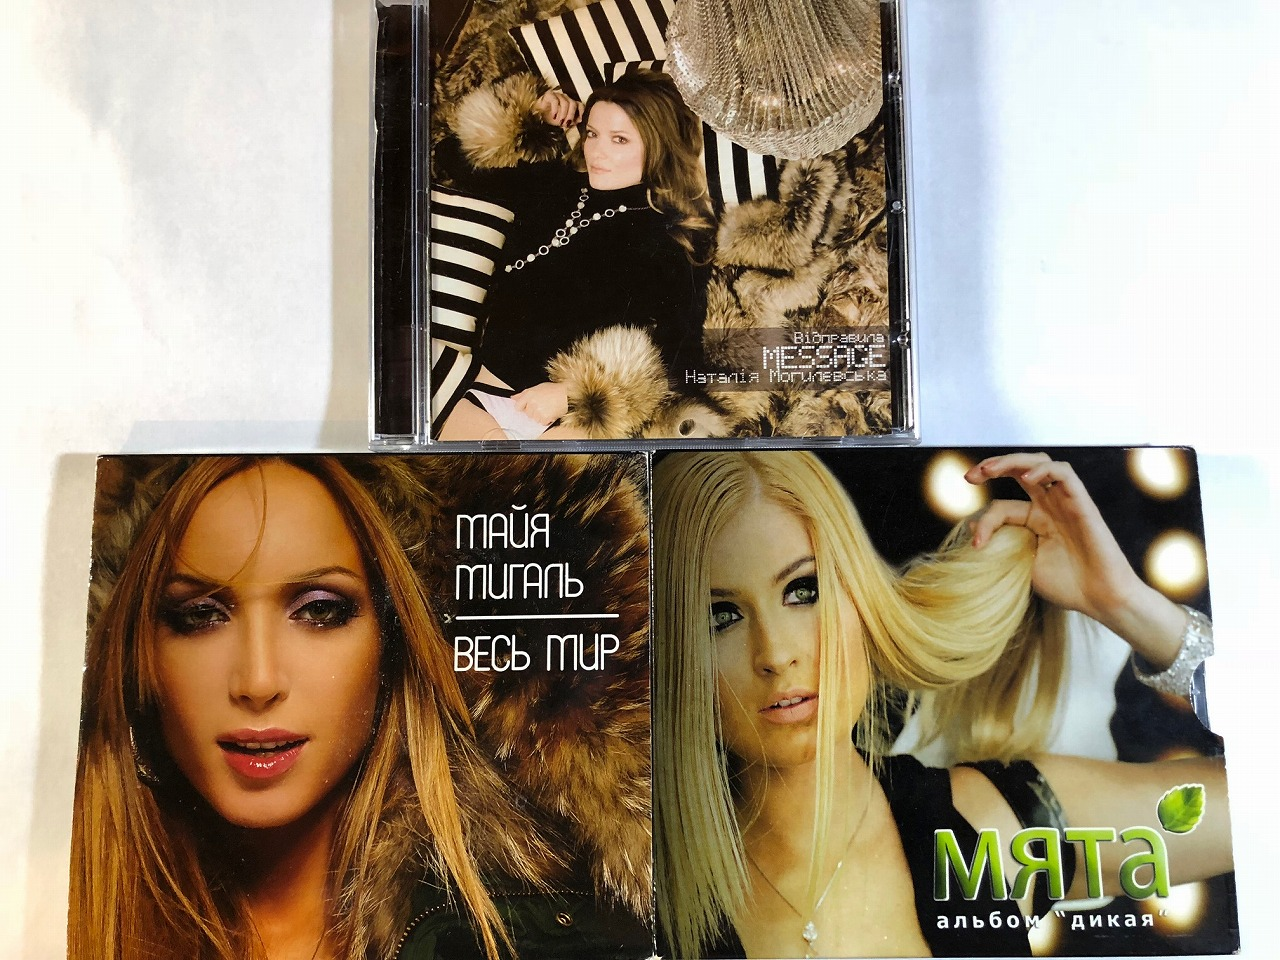 『ウクライナの歌姫の音楽の輪』